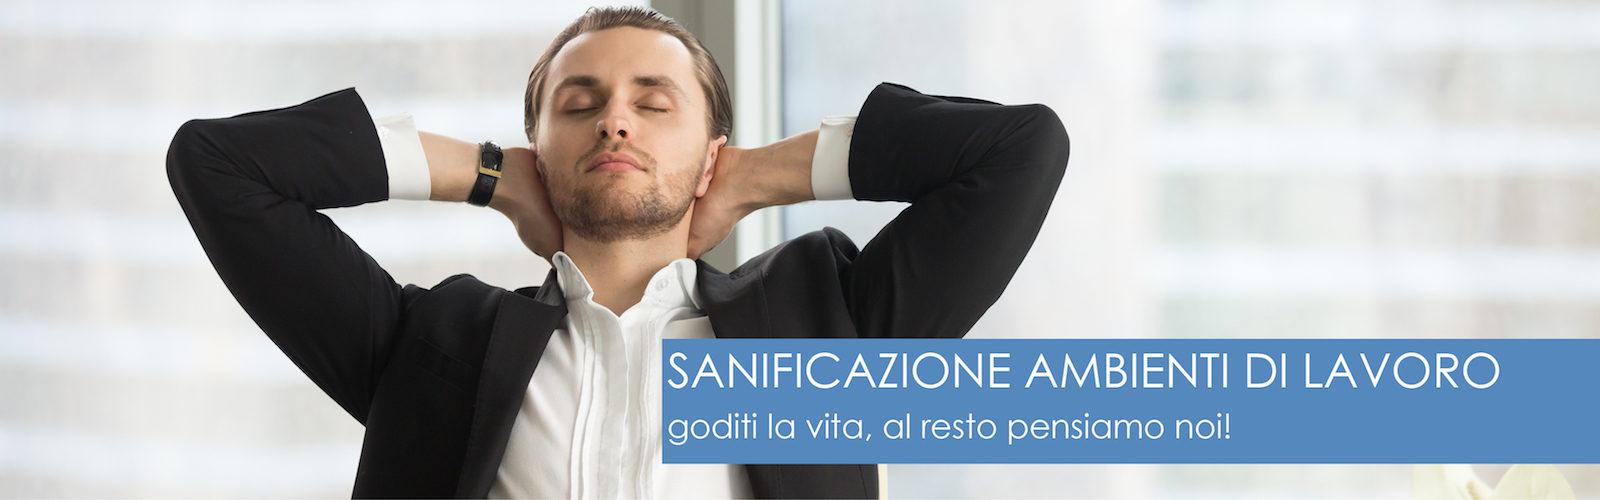 sanificazione_ambienti_lavoro